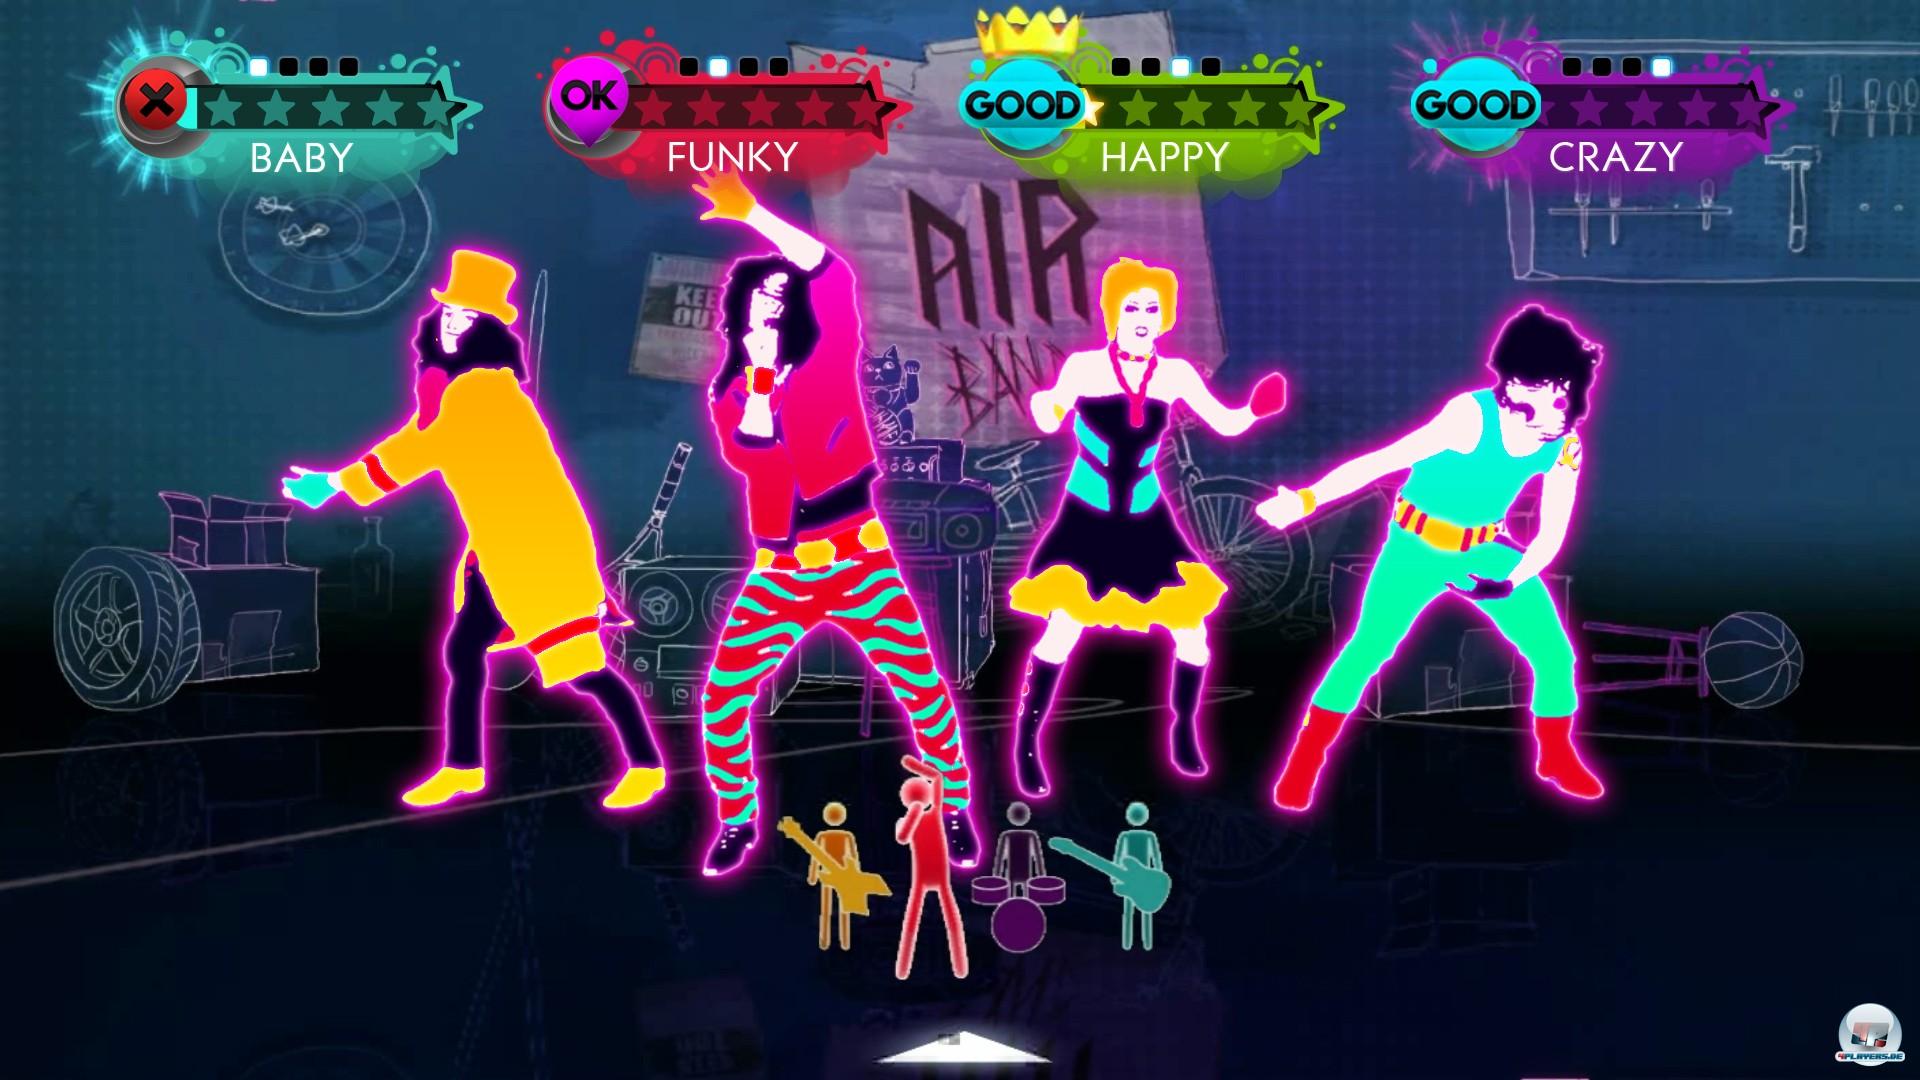 Bis zu vier Spieler können sich vor dem Bildschirm verrenken, wobei mitunter sogar spezielle Choreografien angeboten werden.